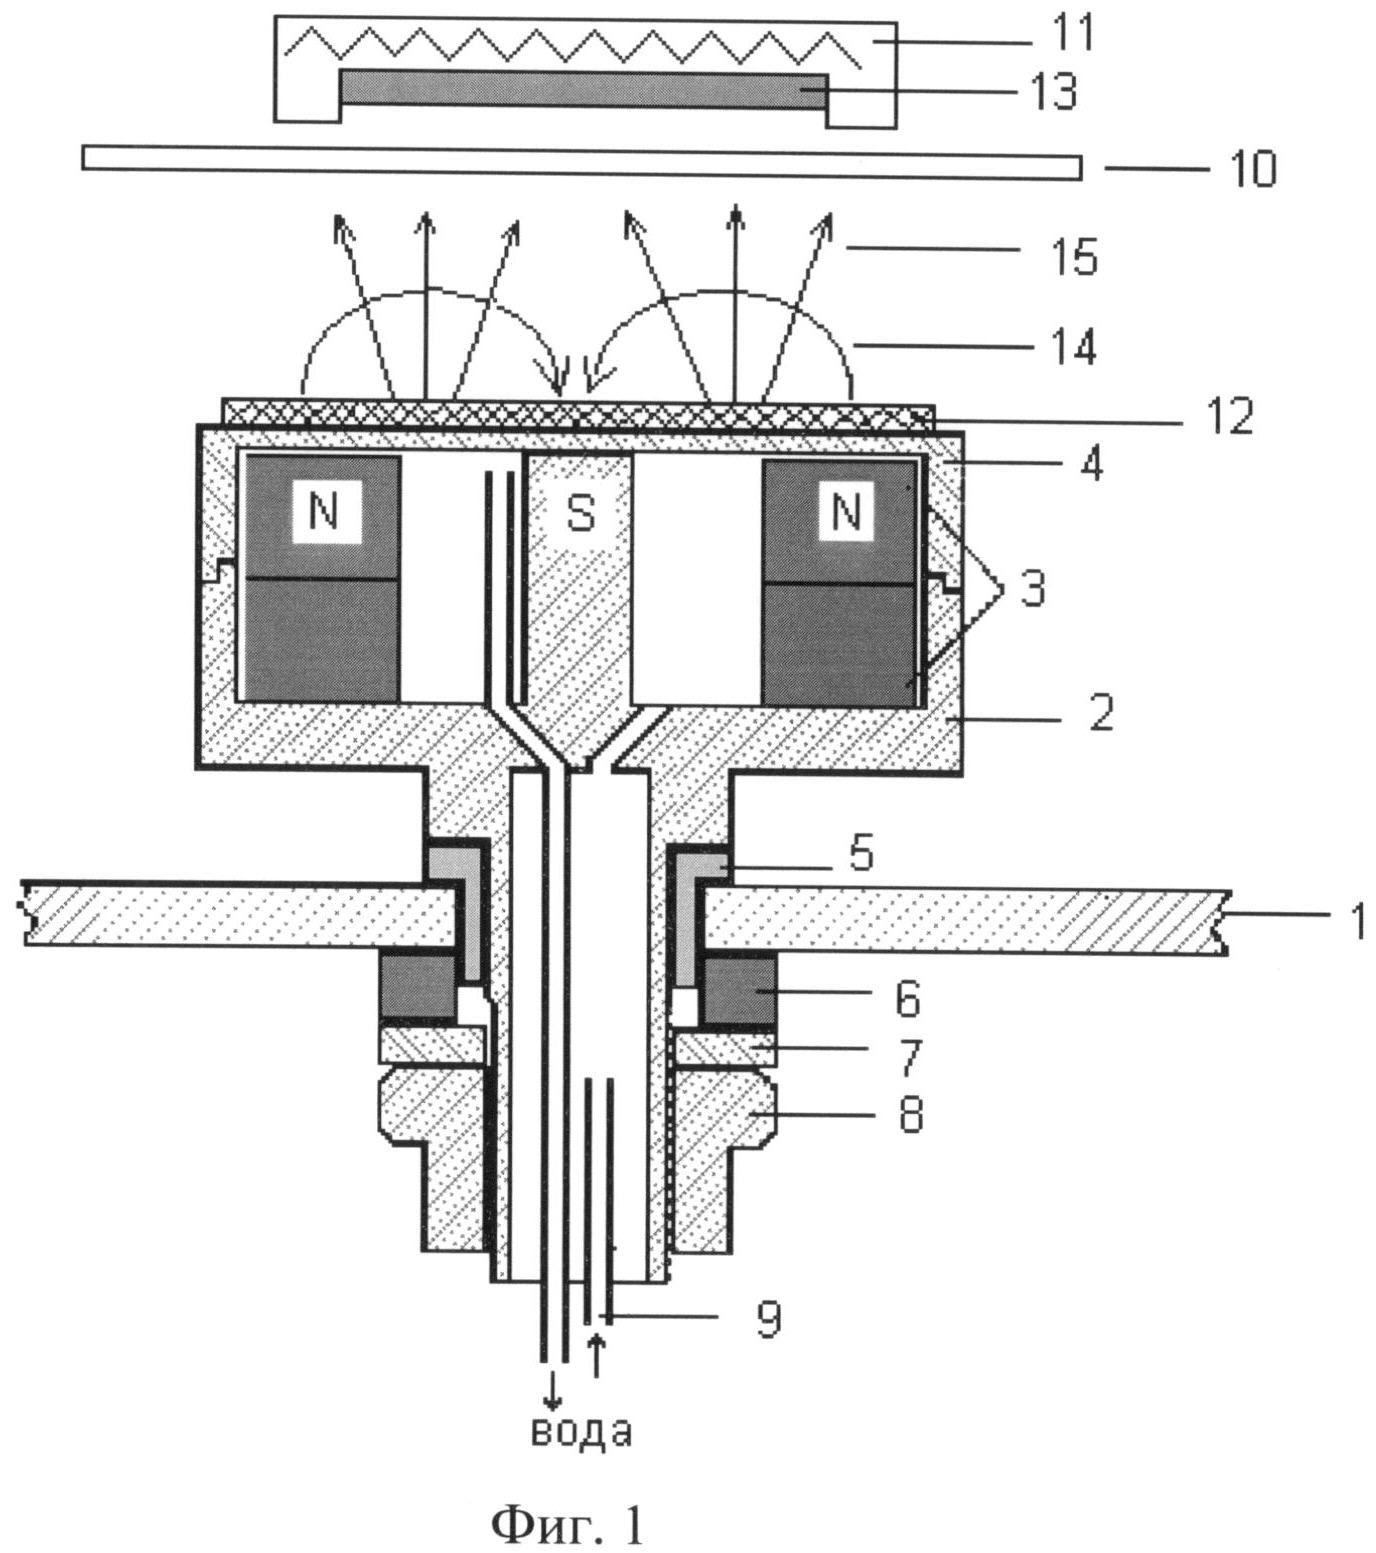 Способ получения гетероэпитаксиальных пленок карбида кремния на кремниевой подложке